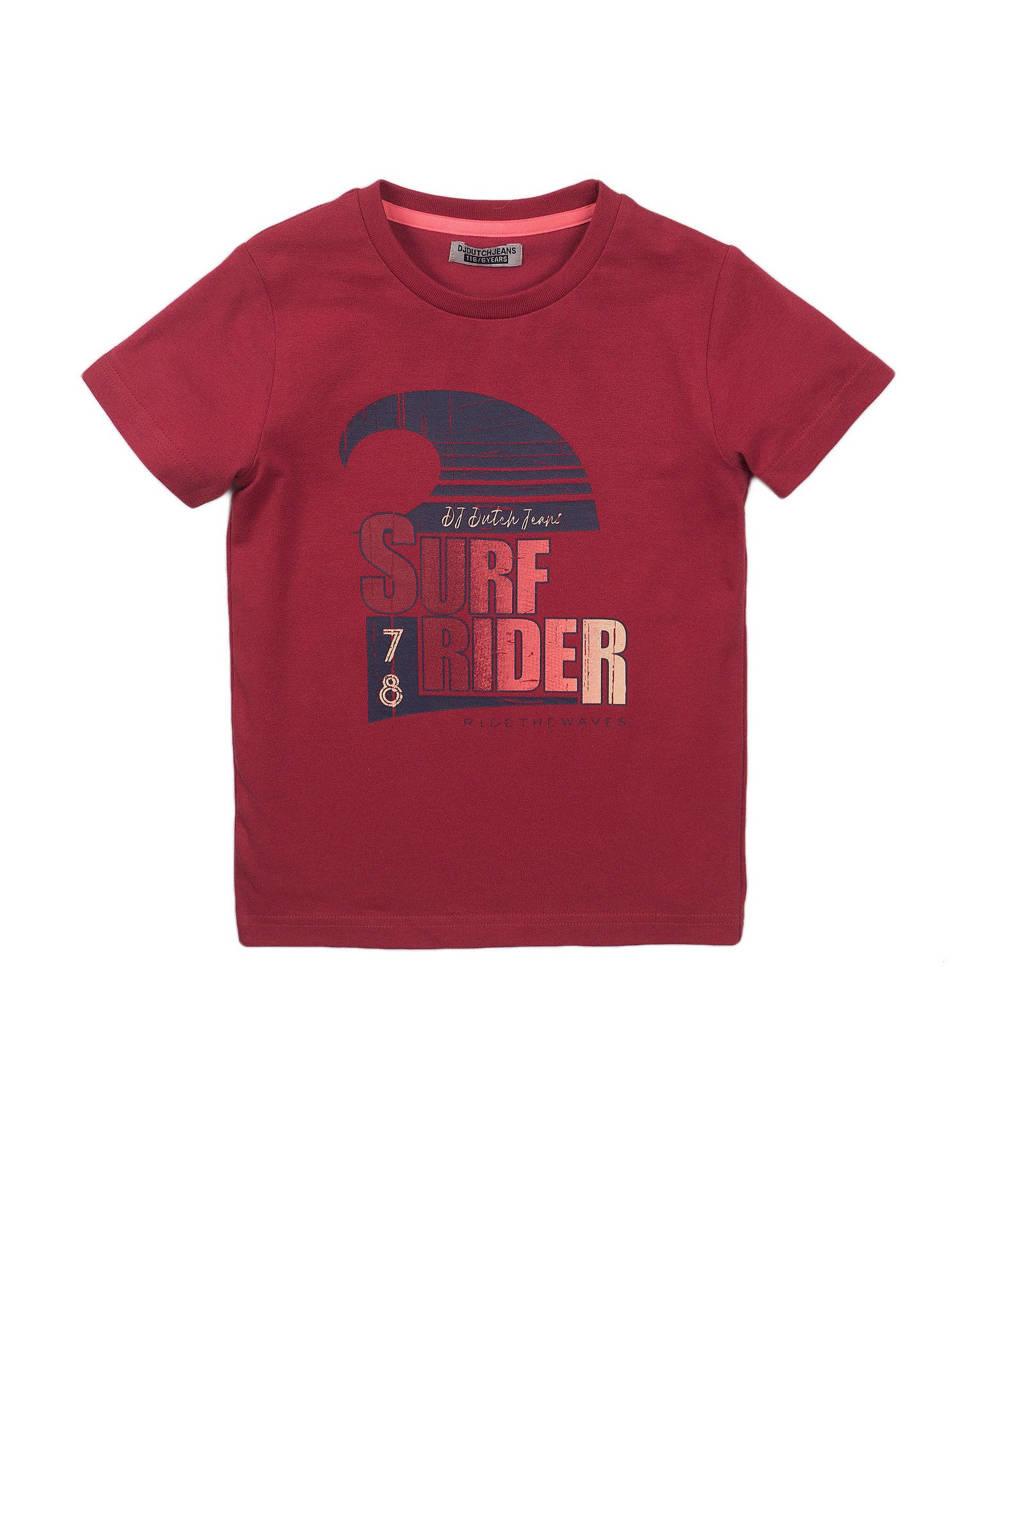 DJ Dutchjeans T-shirt met tekst rood/donkerblauw, Rood/donkerblauw